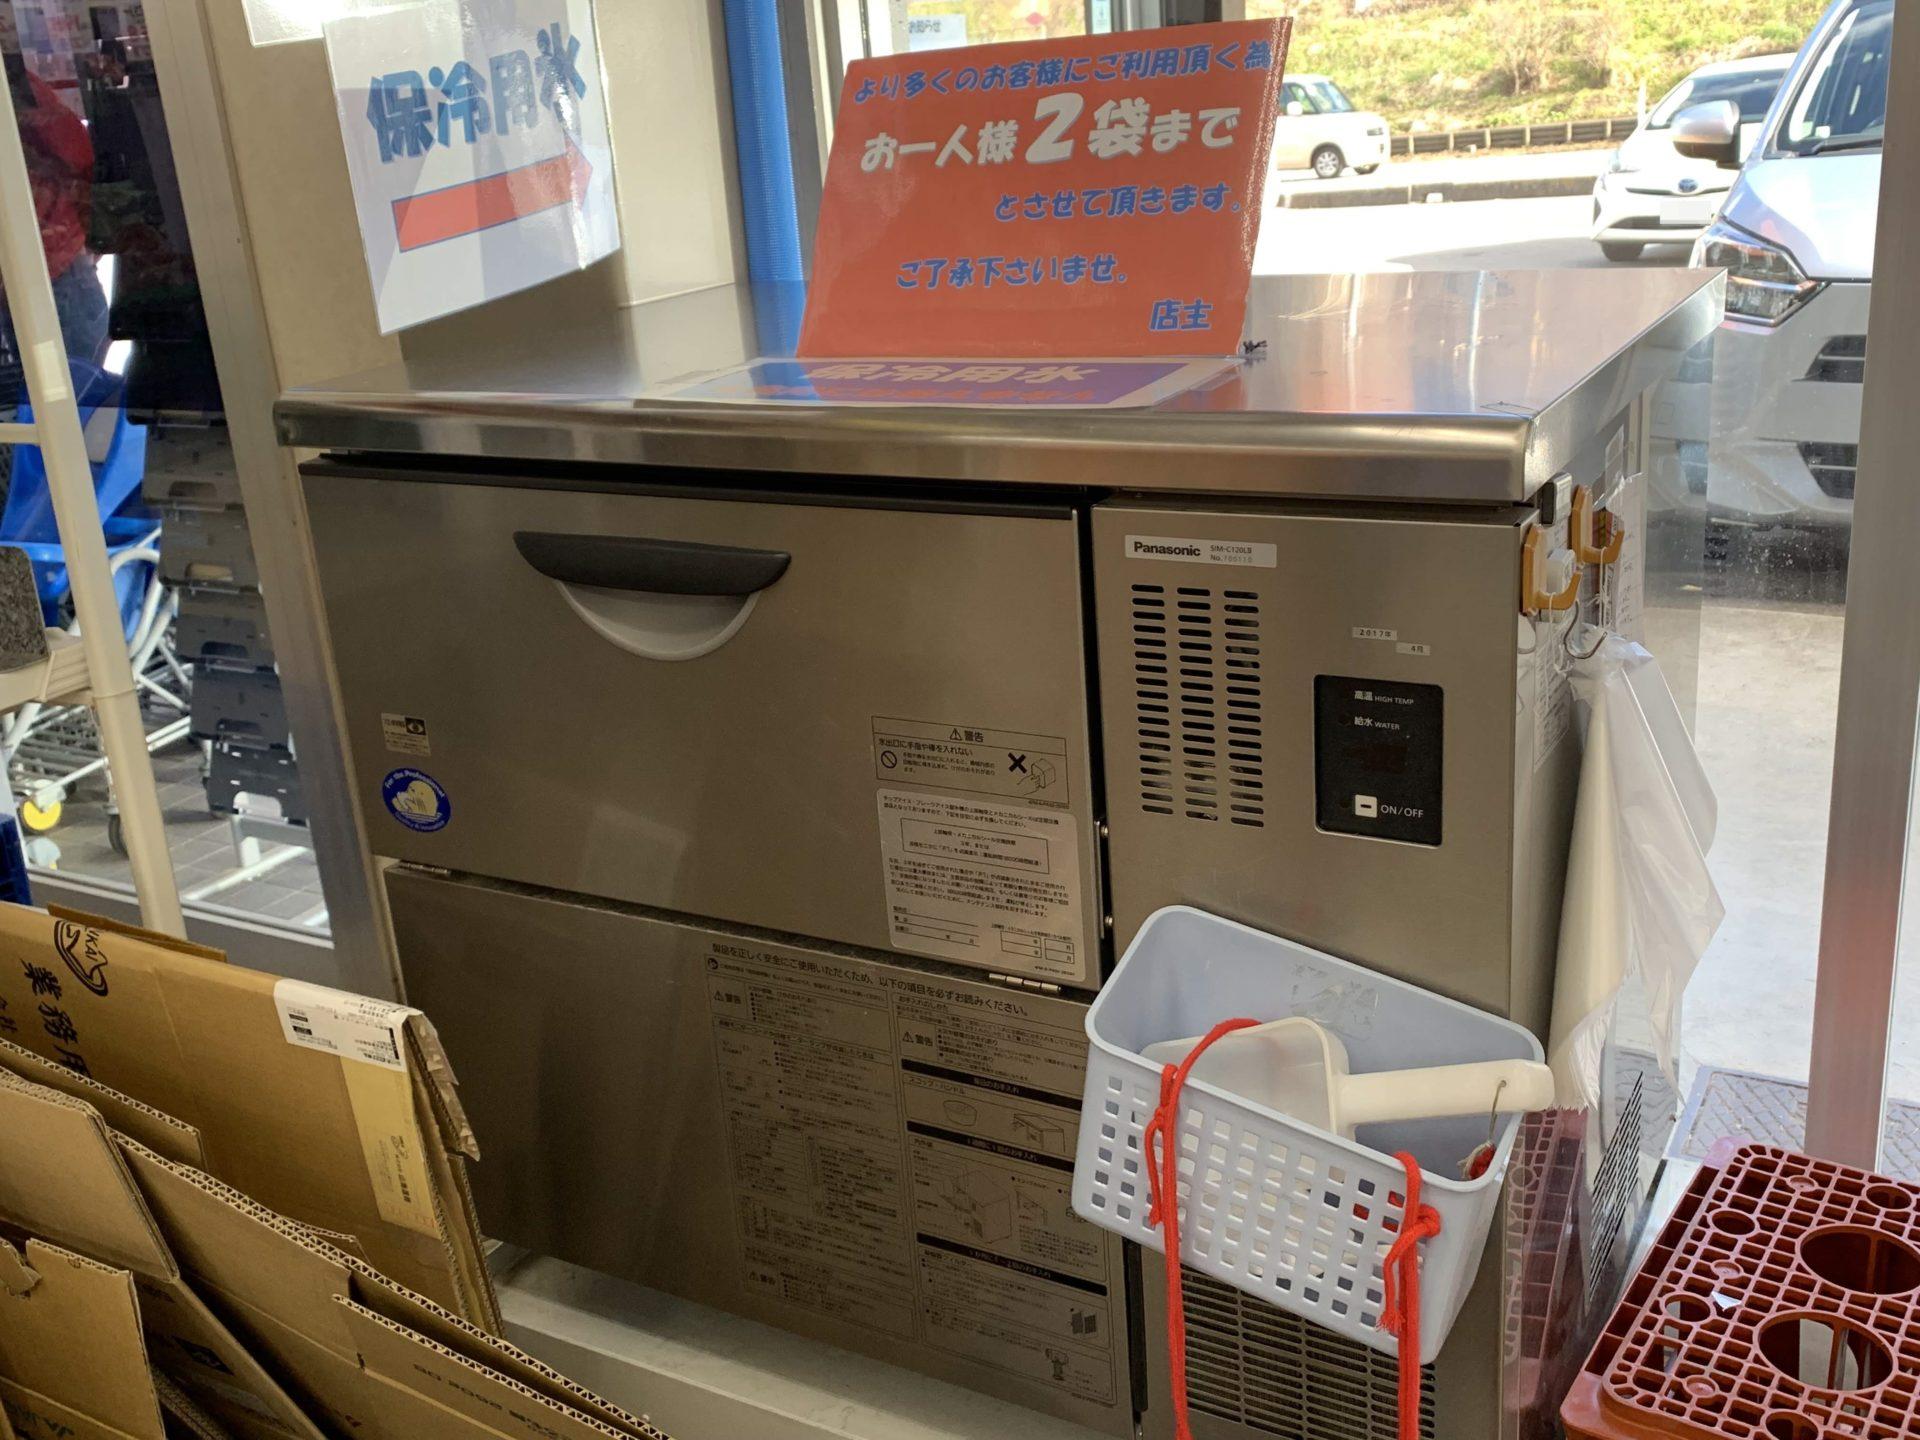 卸売センター「サンエイ」店内の保冷用「保冷剤」無料サービス